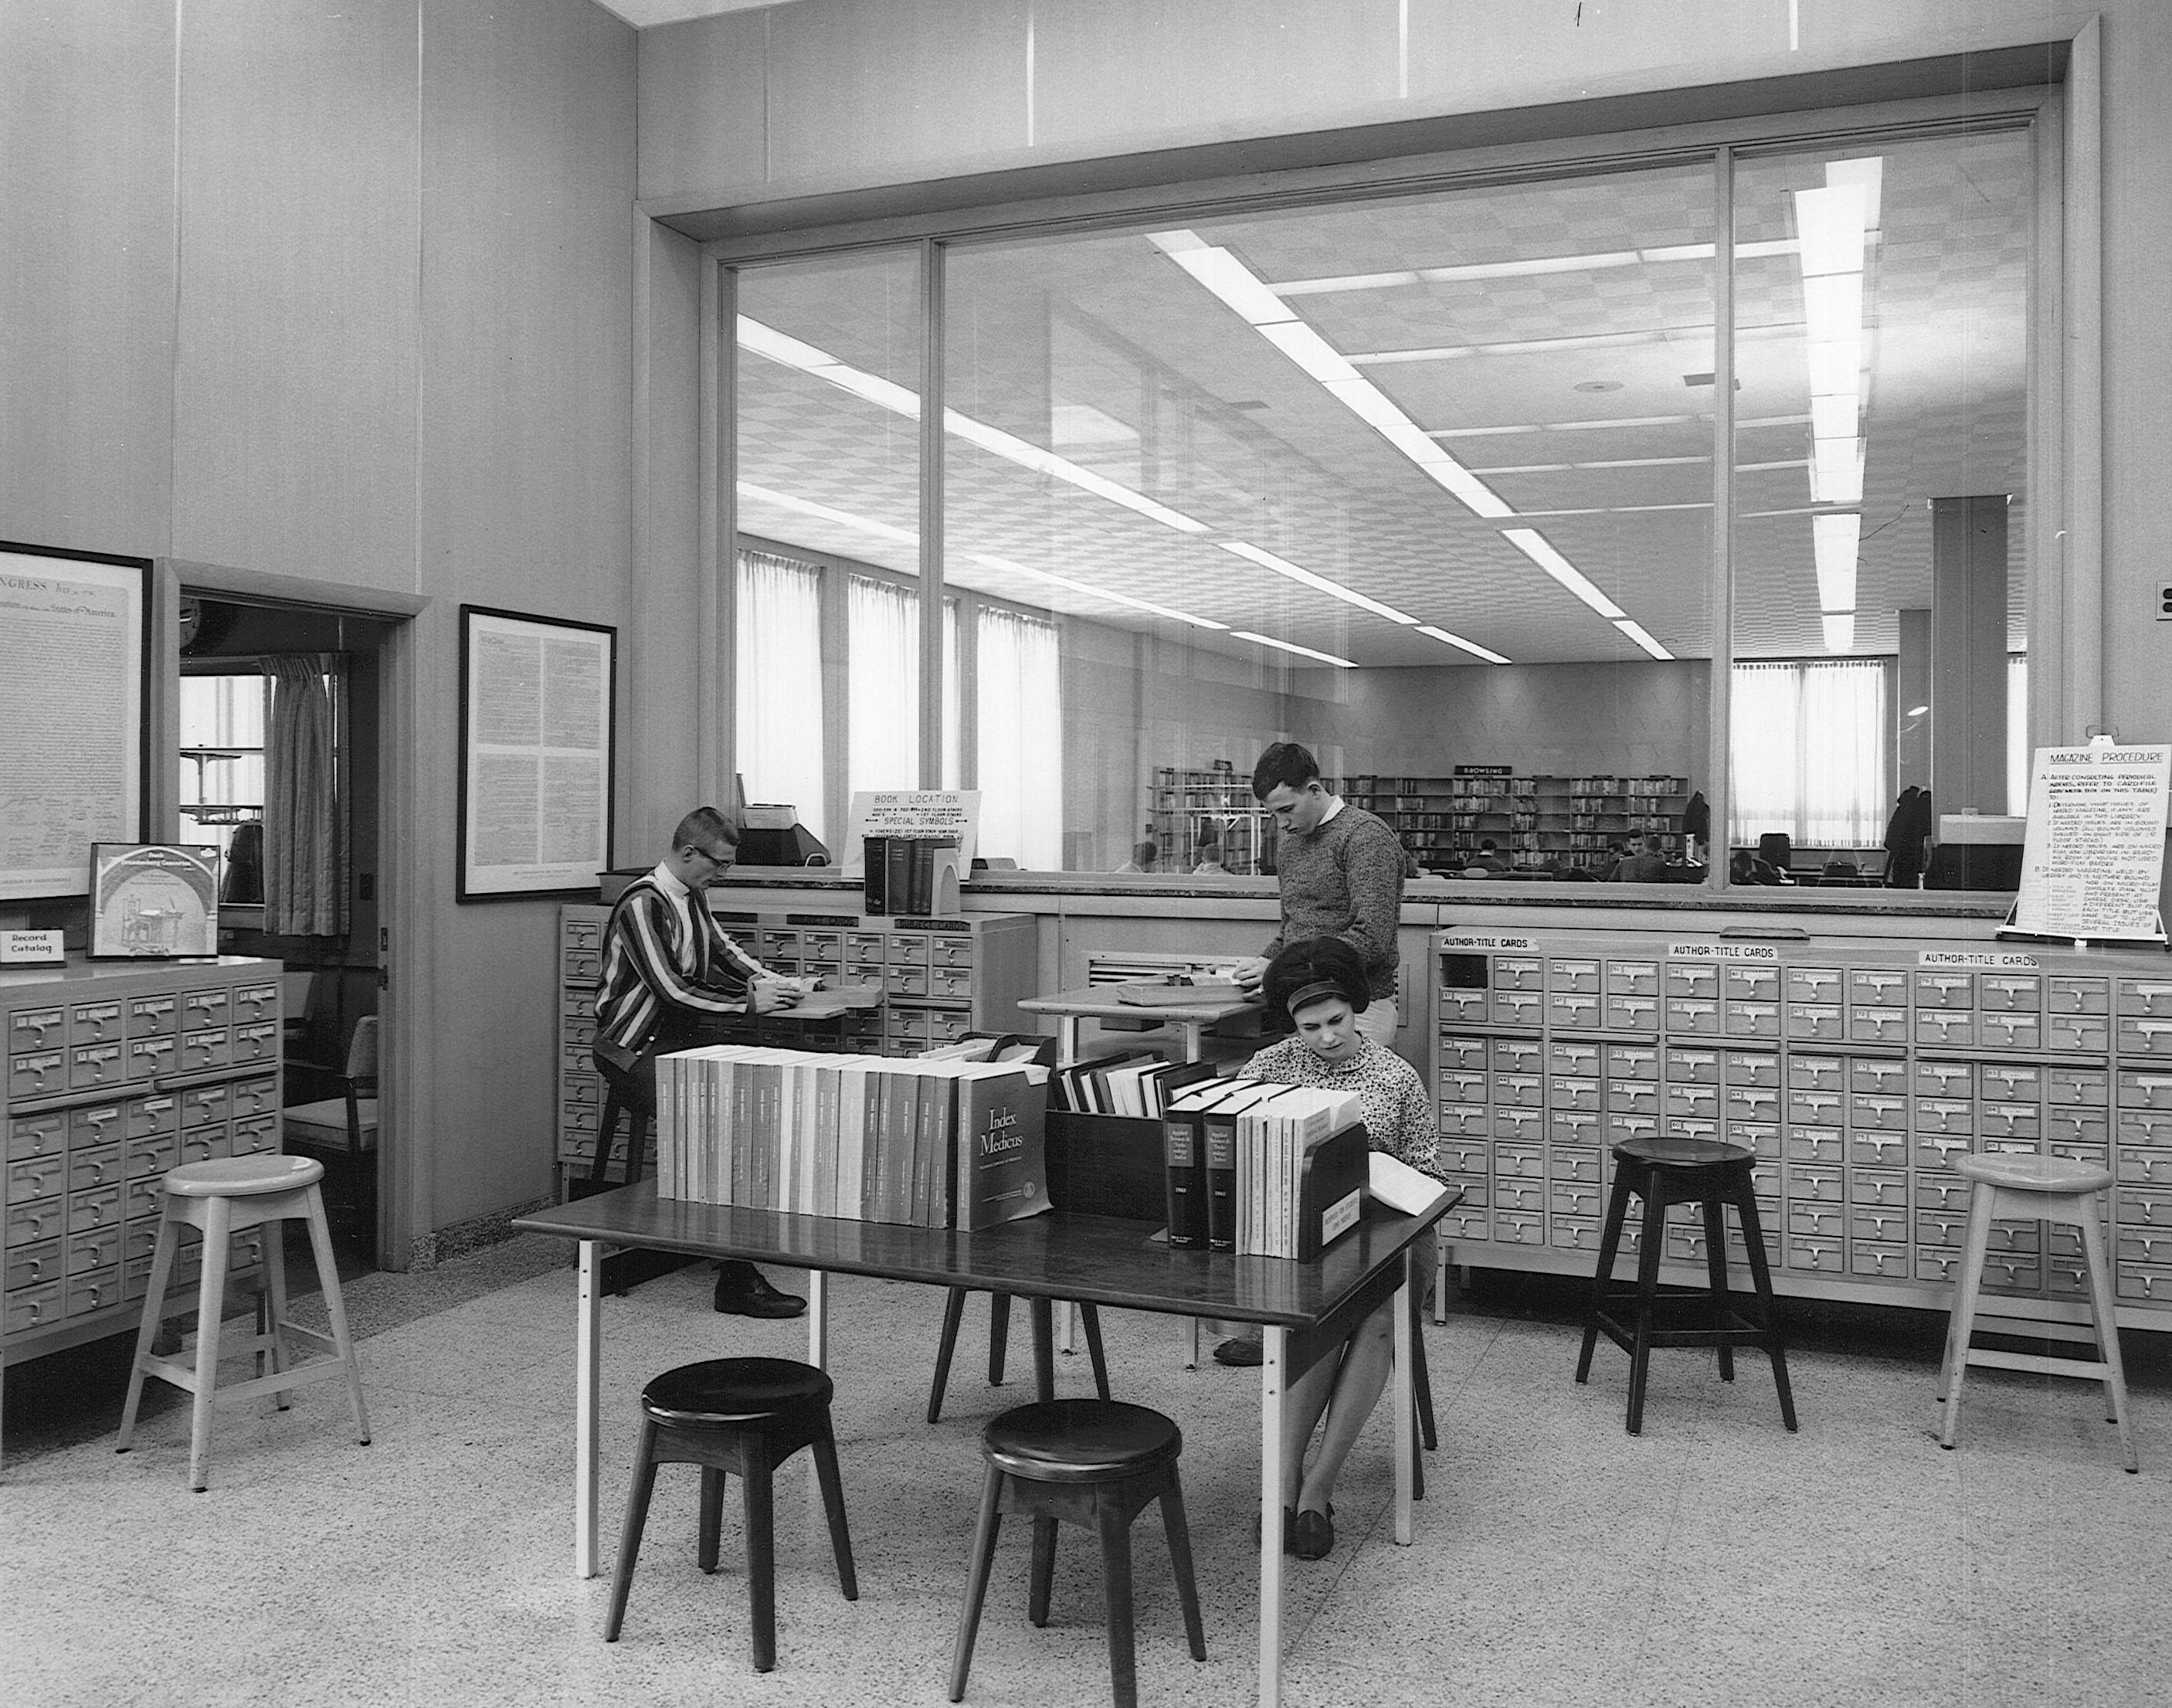 Library card catalog, circa 1960s.